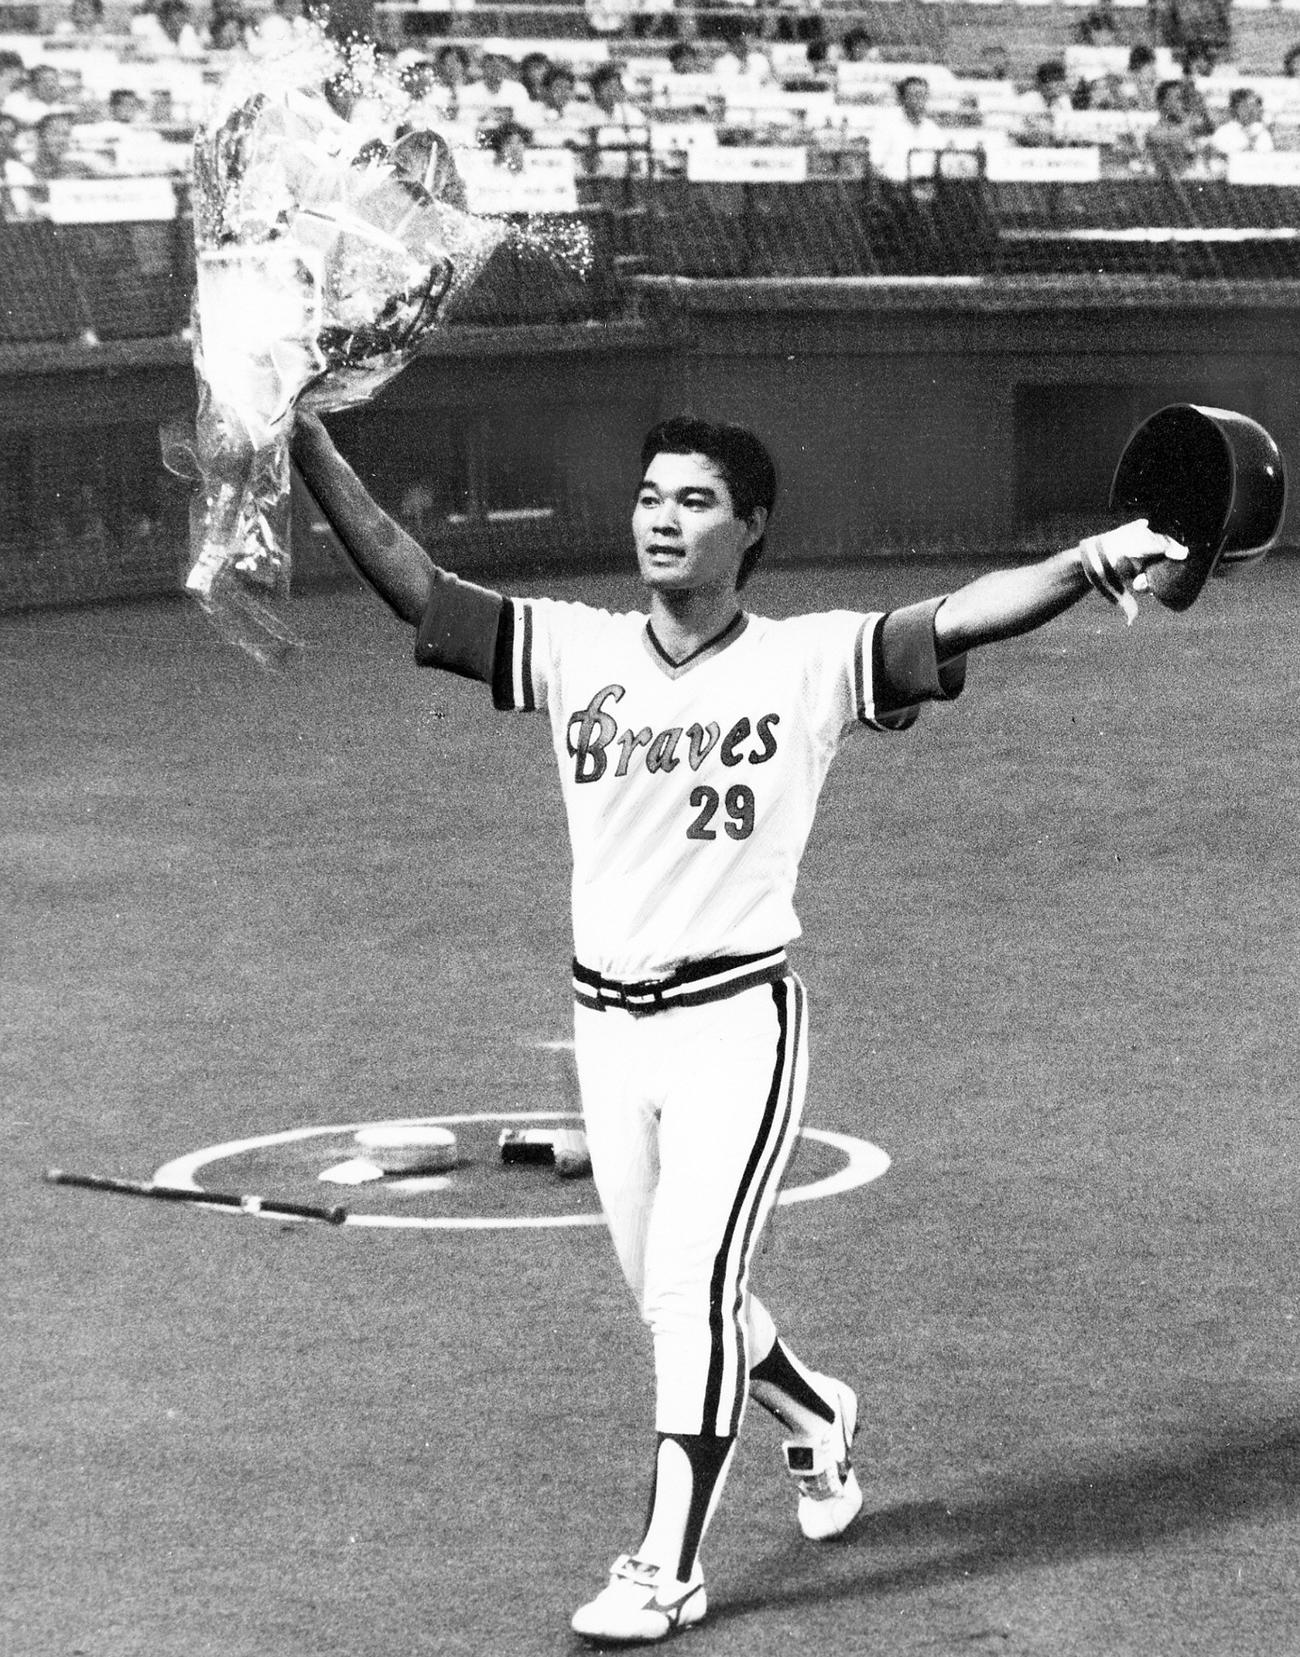 86年7月、ロッテ戦で阪急石嶺和彦は左越え本塁打を放ち連続試合出塁56試合の日本新記録を樹立(1986年7月25日撮影)